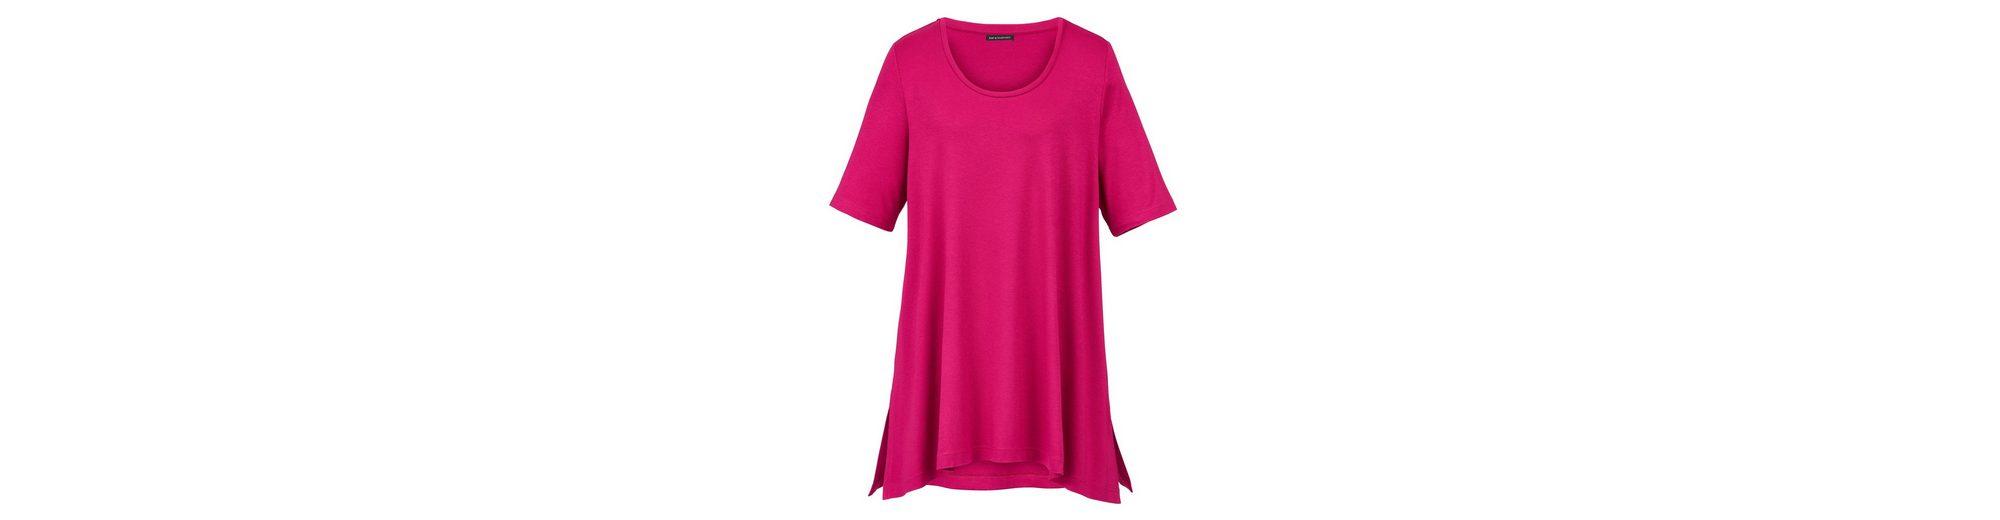 Webseiten Sara Lindholm by Happy Size Jersey-Shirt Günstige Top-Qualität Freies Verschiffen Beruf Zu Verkaufen Sehr Billig tRcOTTUmFx